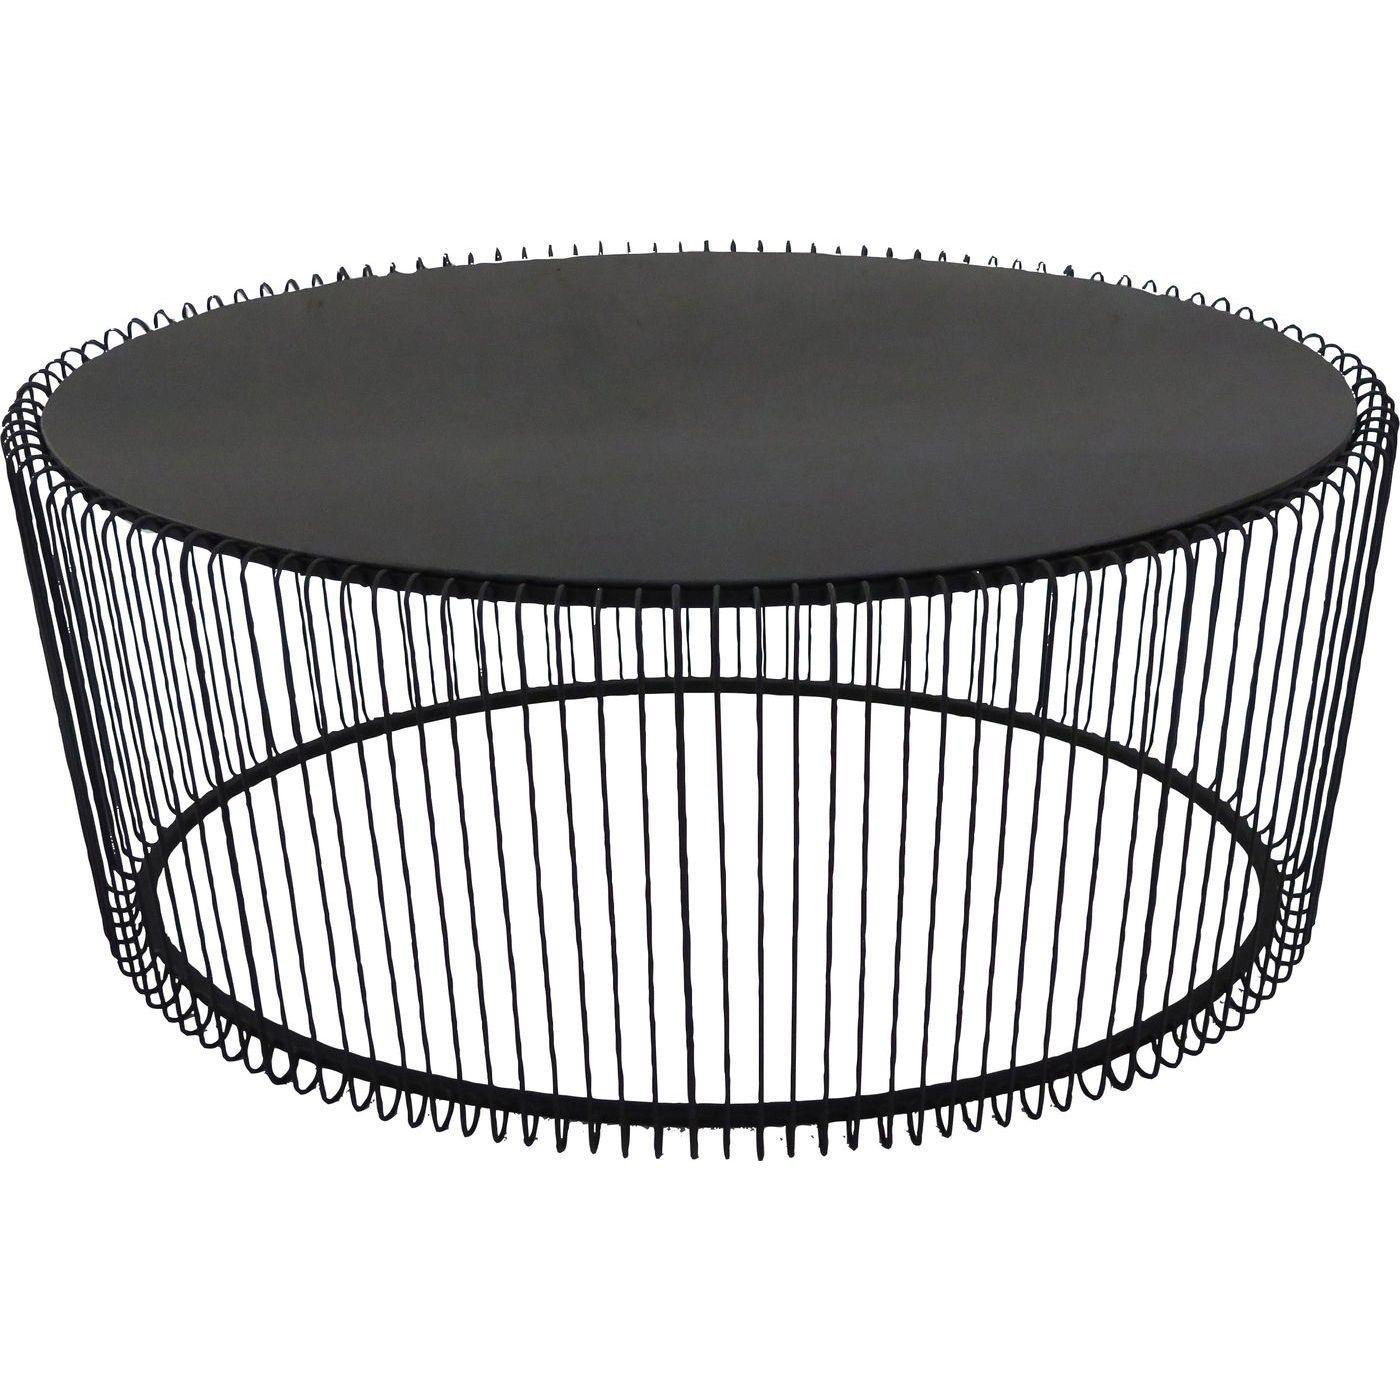 Couchtisch Wire Uno Schwarz 60x90cm Moebel Liebe Com Couchtisch Couchtisch Schwarz Tisch